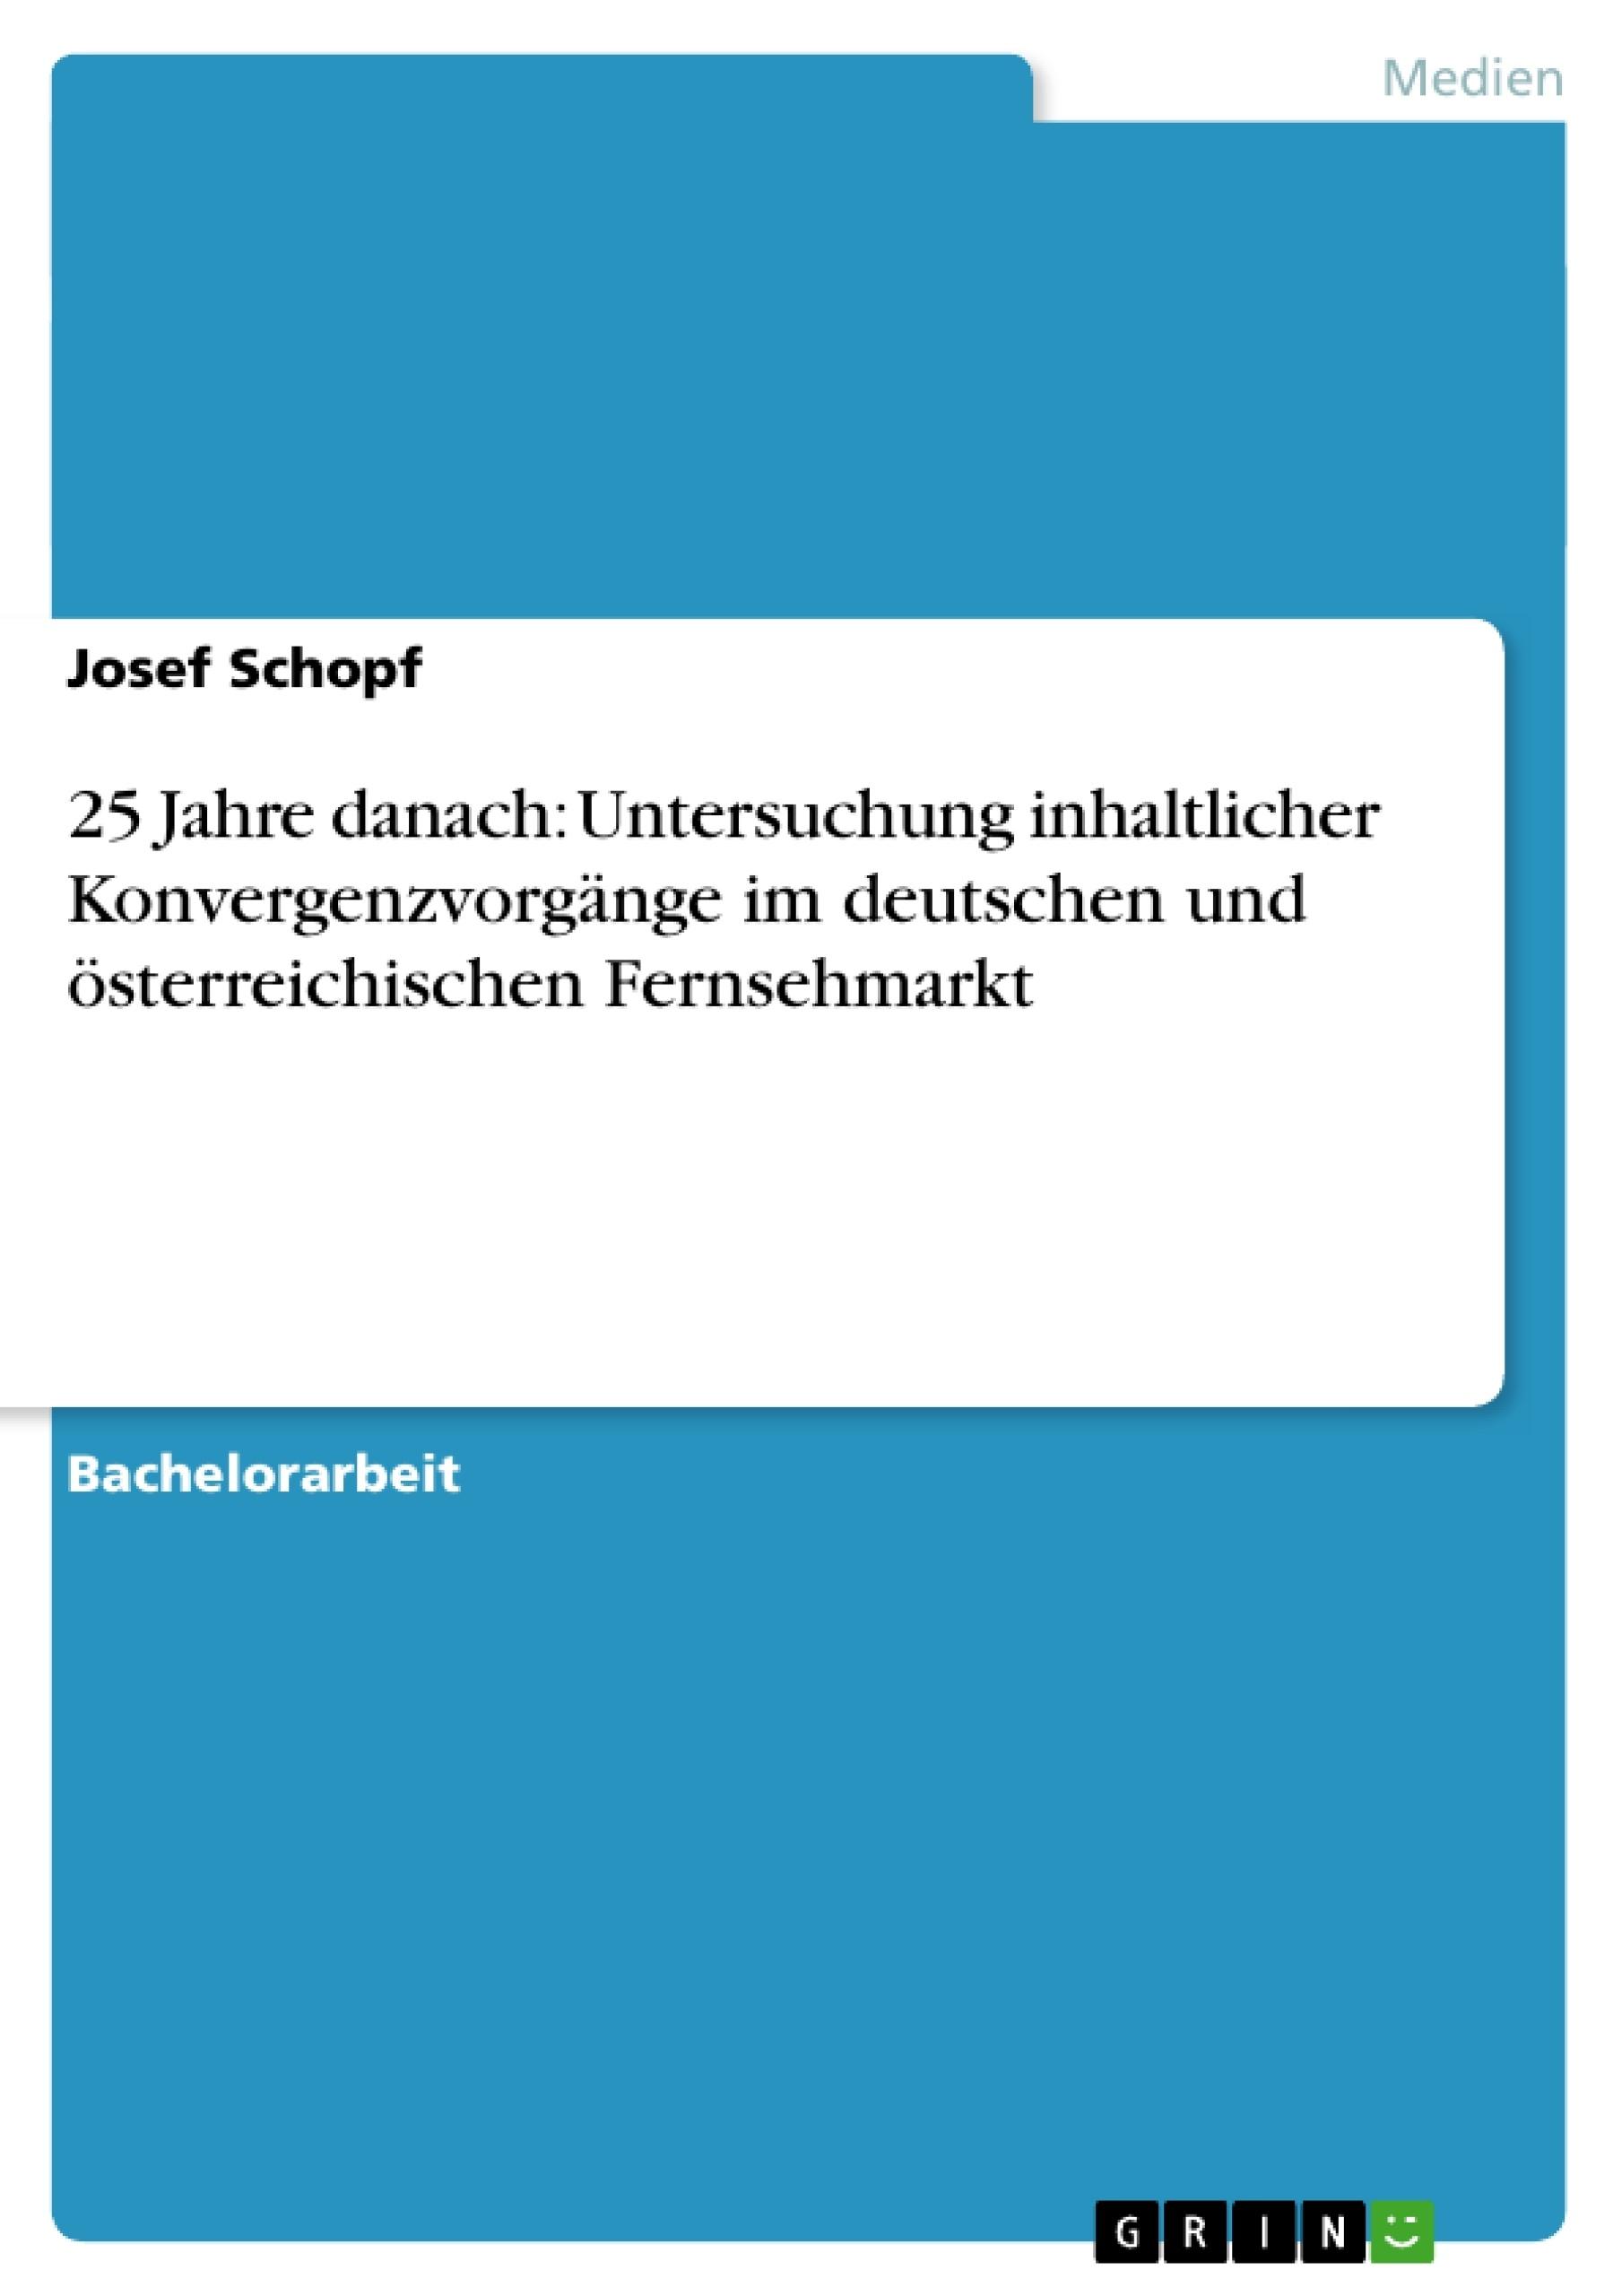 Titel: 25 Jahre danach: Untersuchung inhaltlicher Konvergenzvorgänge im deutschen und österreichischen Fernsehmarkt